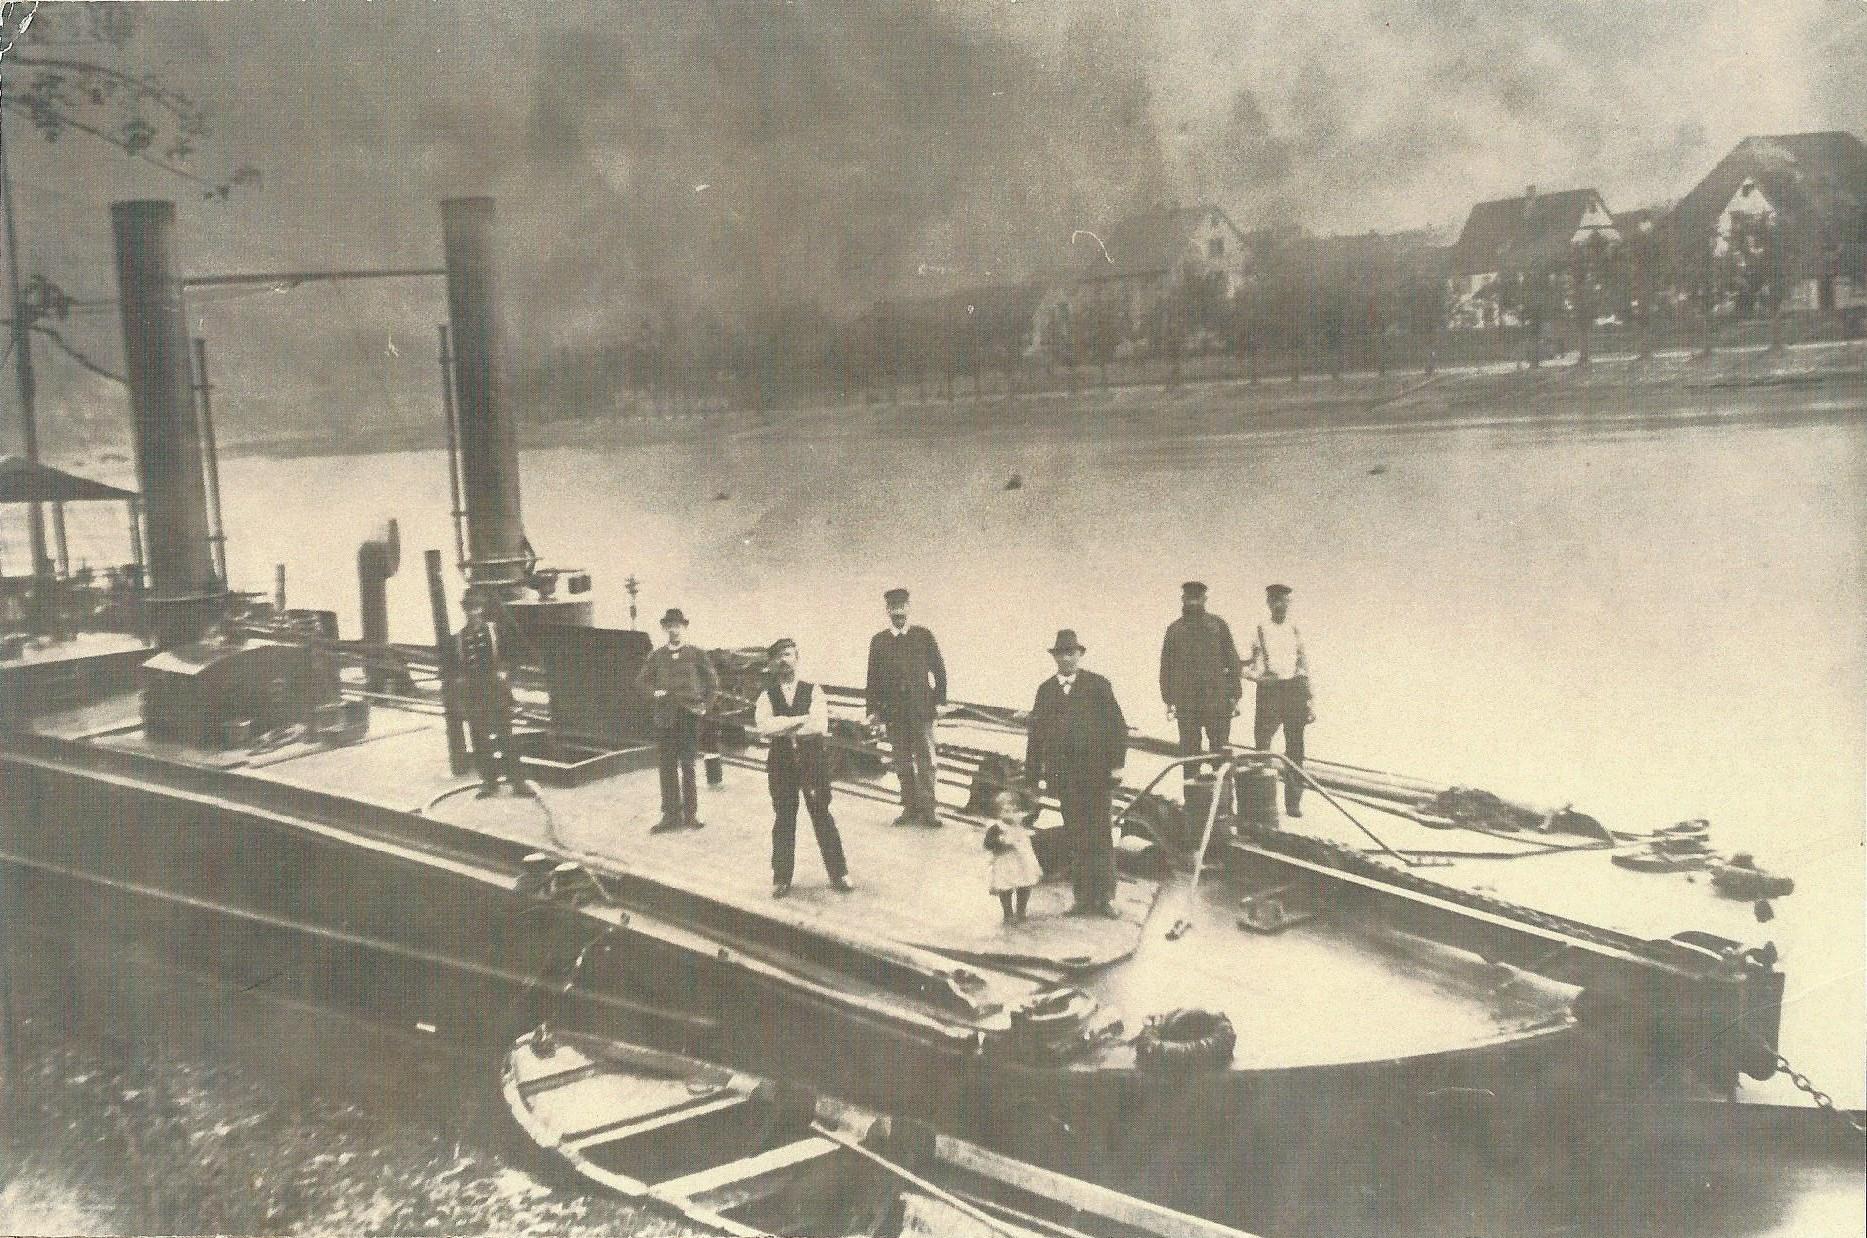 Kettenboot_Hheim 001 (2)